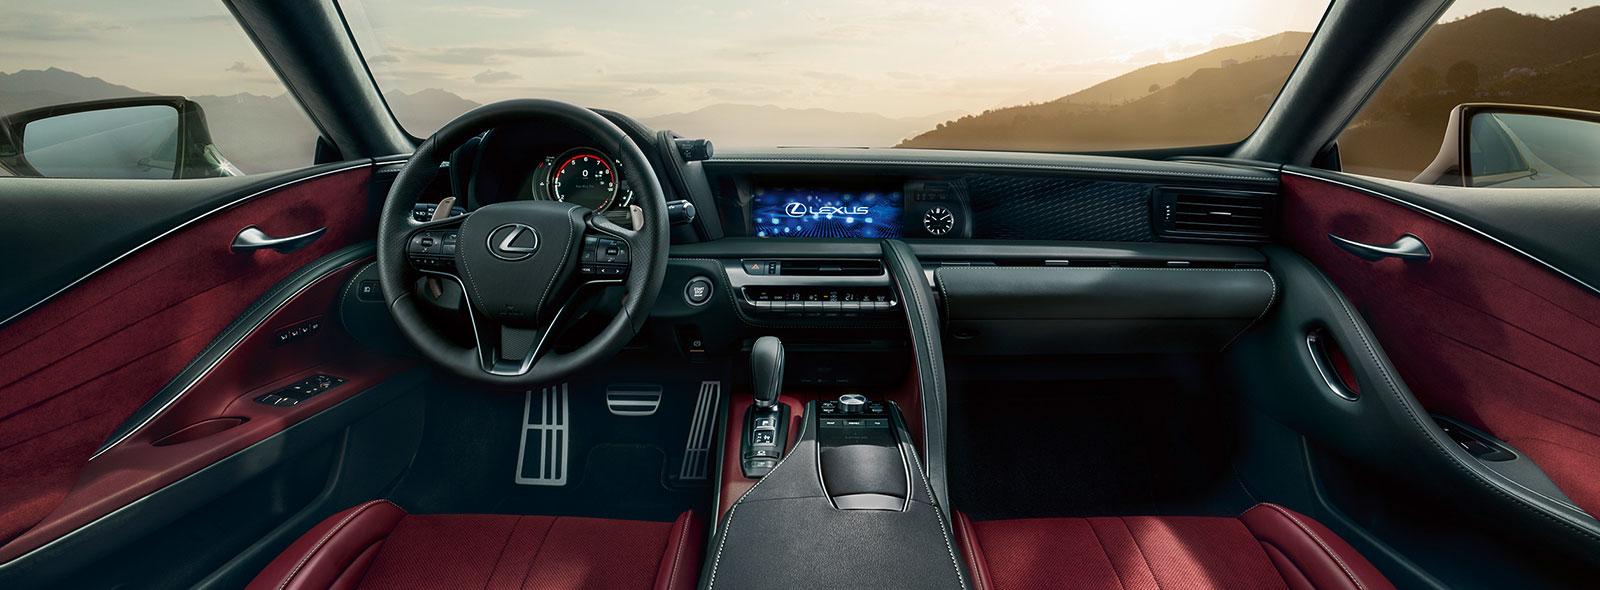 Nowy Lexus LC 500 | Lexus Europe